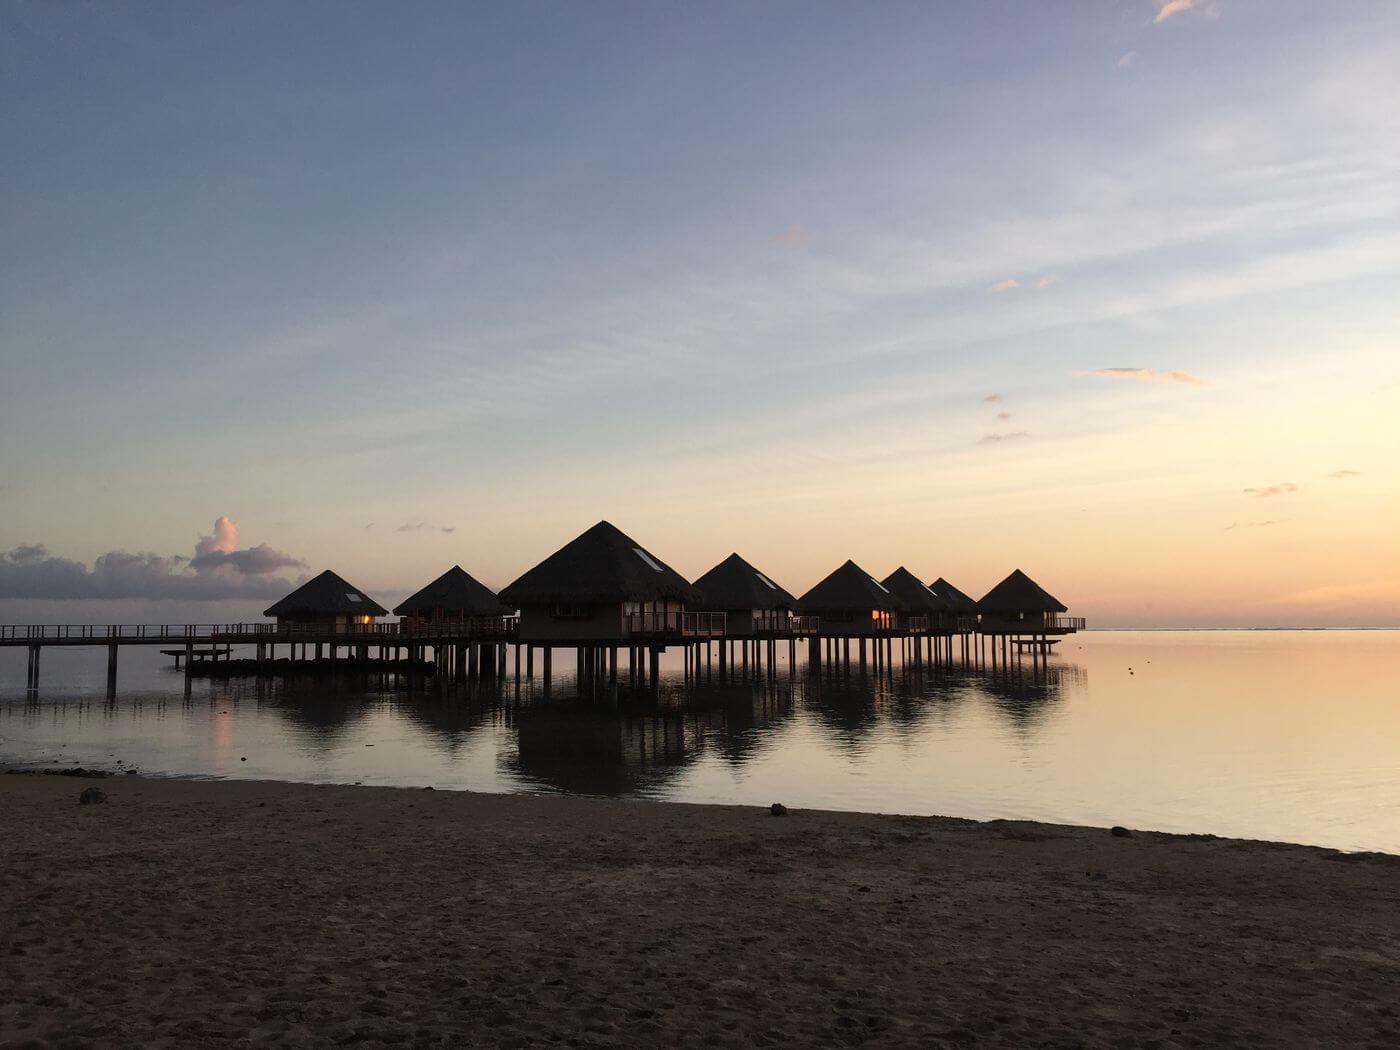 Sofitel resort in Tahiti